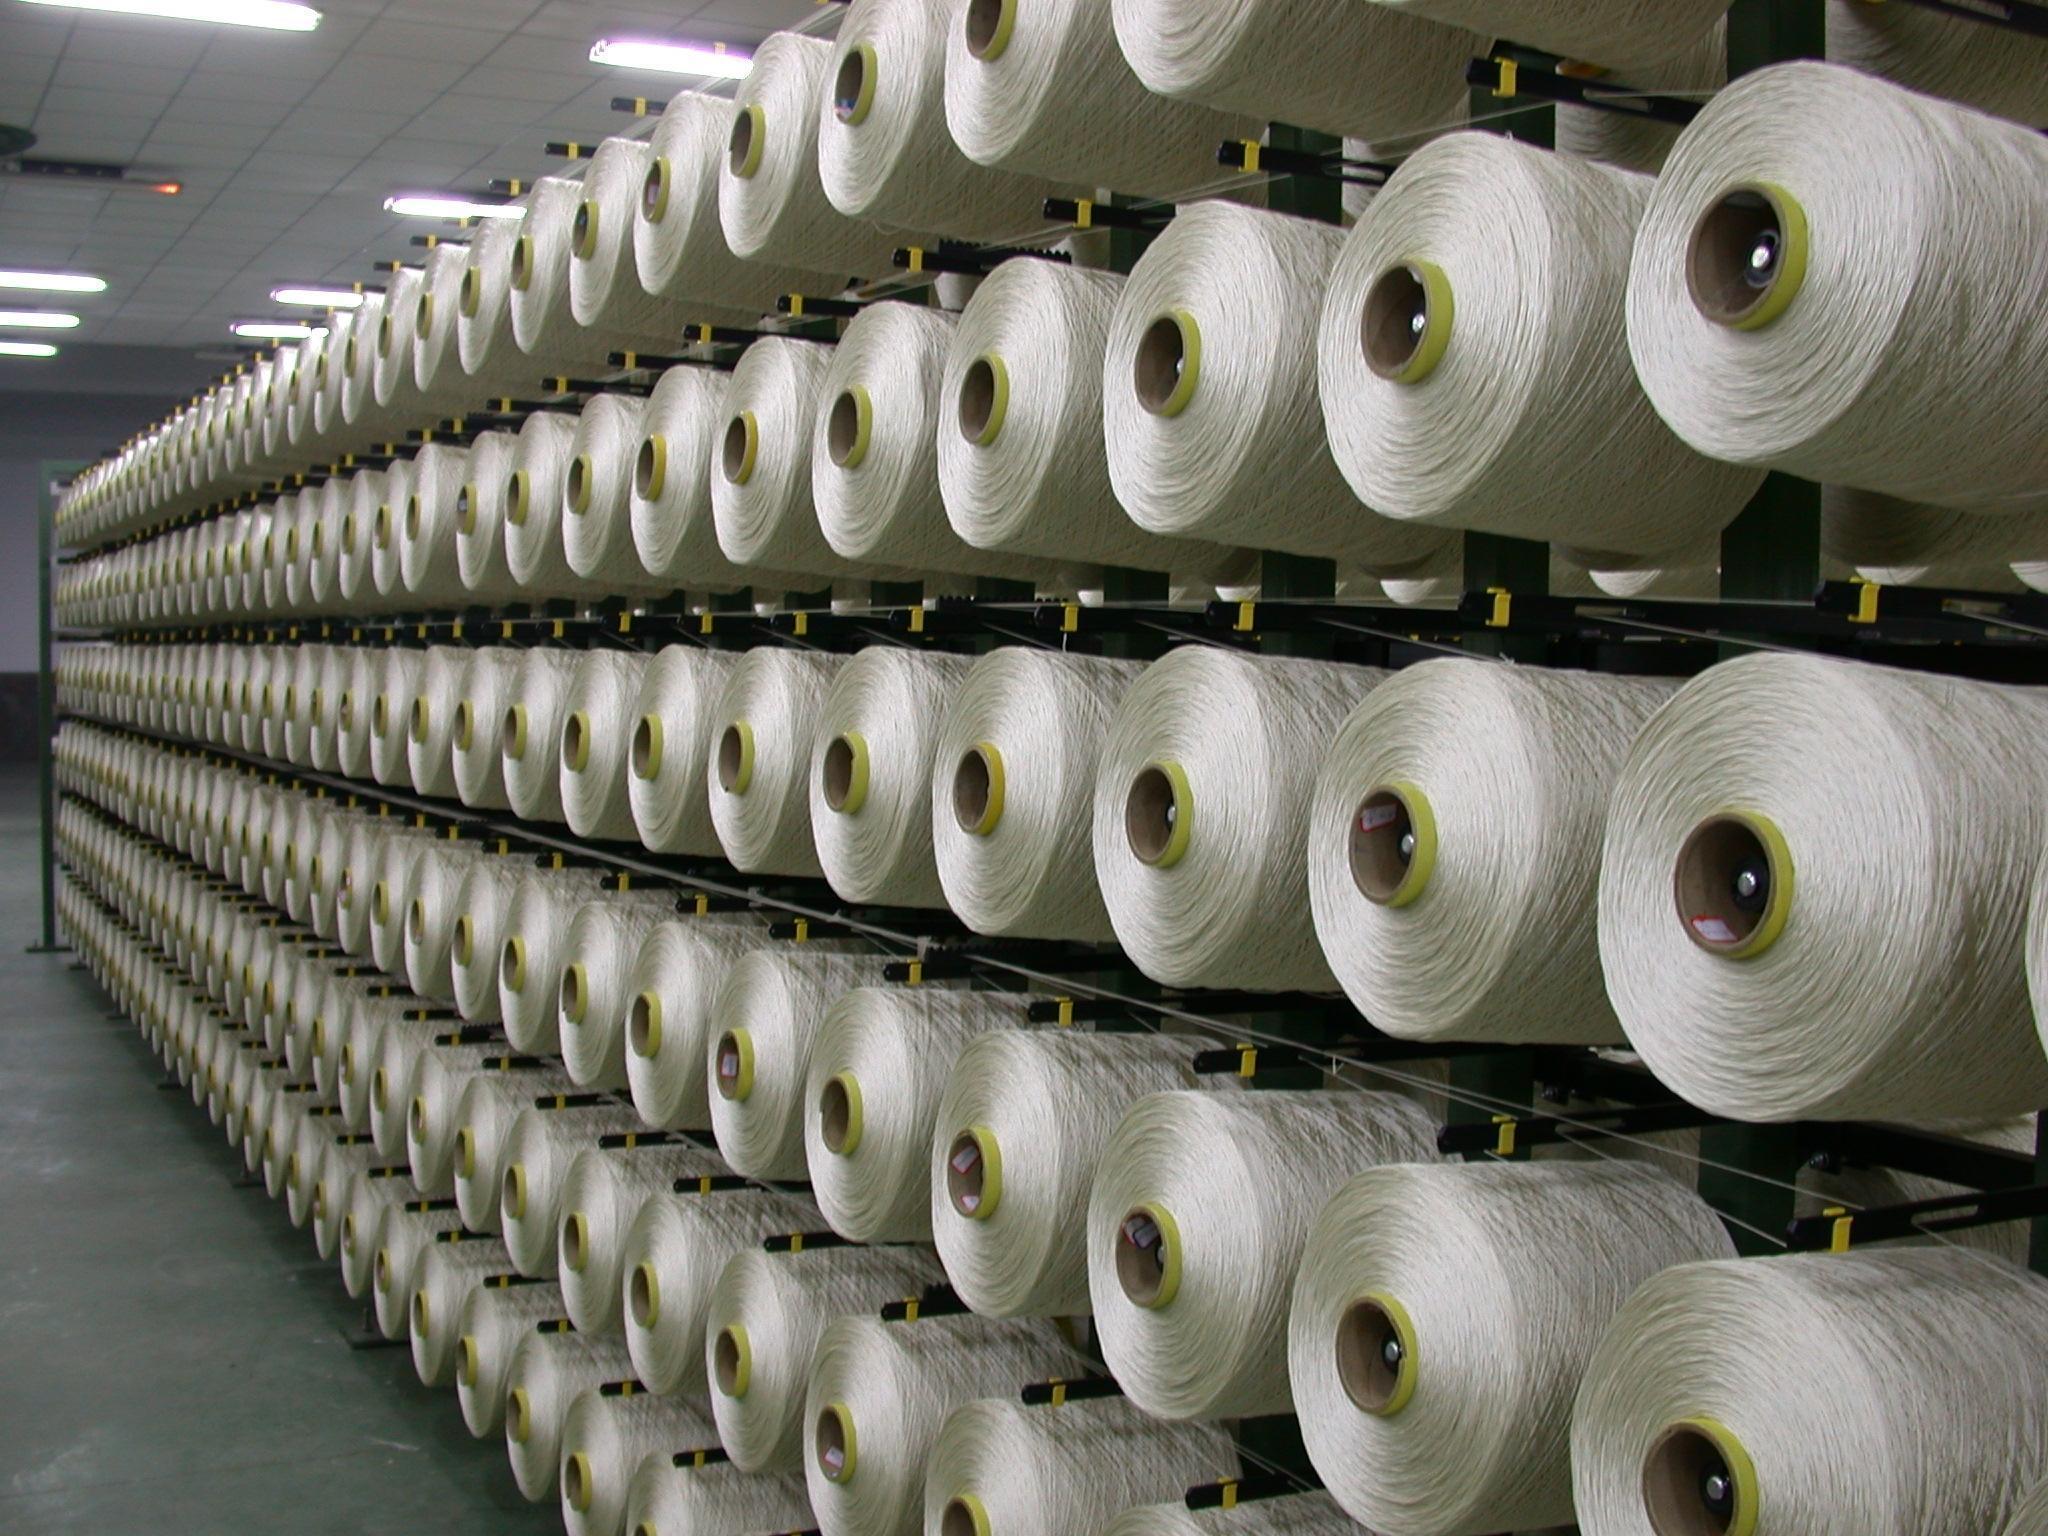 据国家统计局月报,今年1~6月,我国纺织业固定资产投资(不含农户,计划总投资500万元以上的固定资产项目投资)4544.80亿元,同比增长16.1%,增速比1~5月提高1.5个百分点。新开工项目数7285个,同比增长0.08%,本年度以来首月实现正增长,经编面料纺织行业投资保持增长、投资信心逐渐恢复的趋势已经显现。 我国投资增速有所放缓,纺织行业投资保持增长。1~6月,全社会固定资产投资(不含农户)同比增长17.